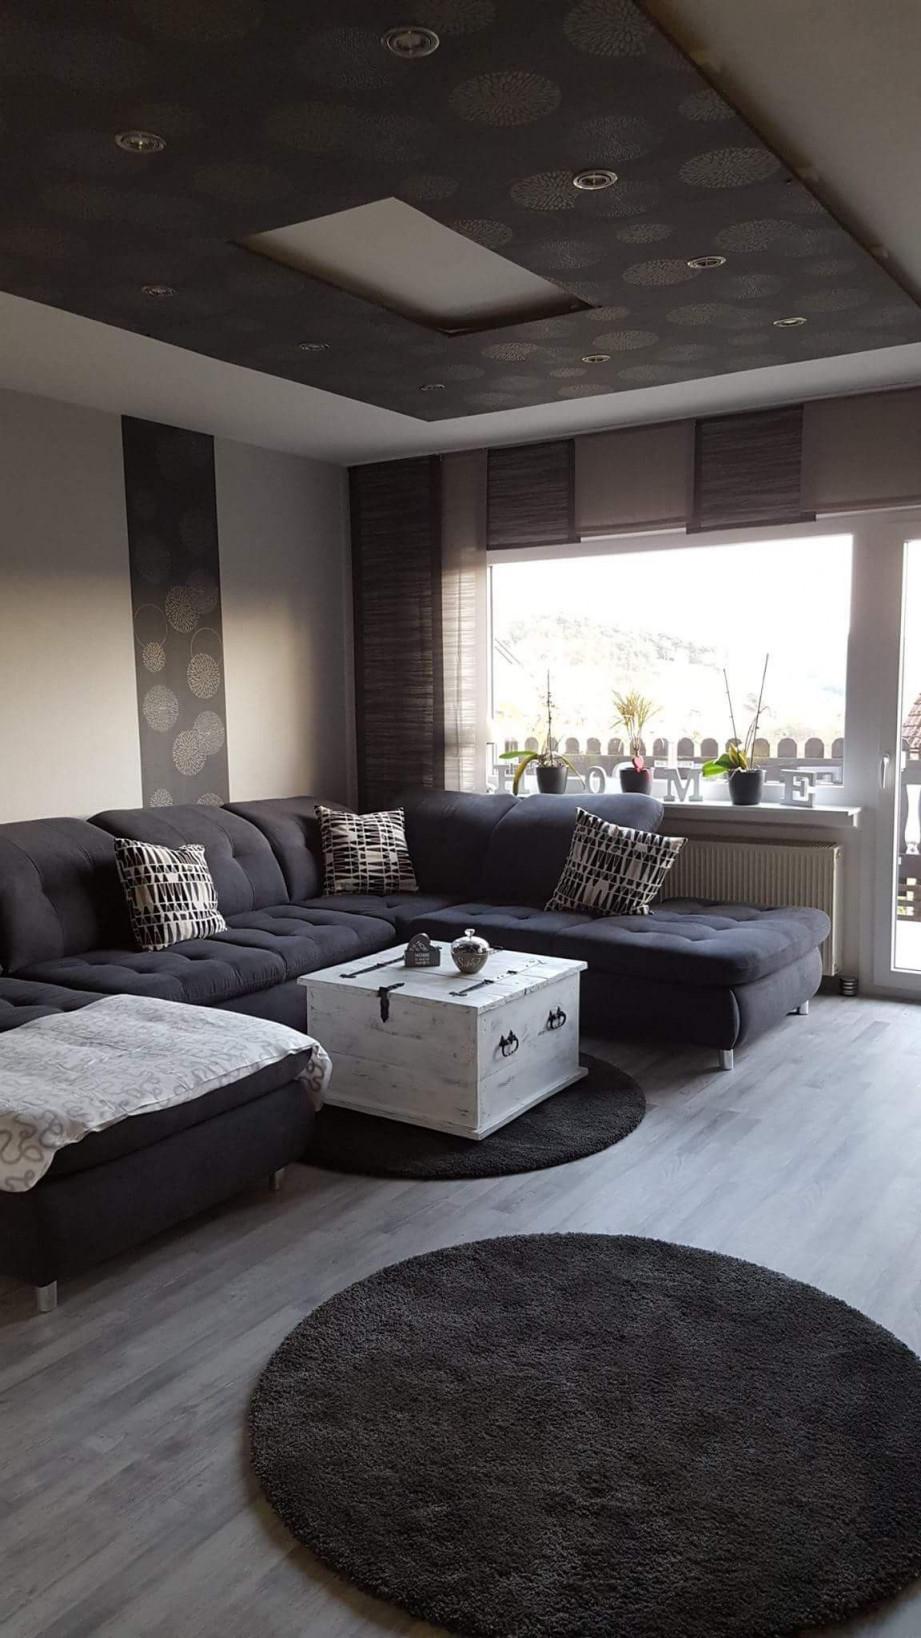 Verfuhrerisch Wohnzimmer In Grau Einrichten Beige Ideen von Wohnzimmer Ideen Weiss Grau Bild